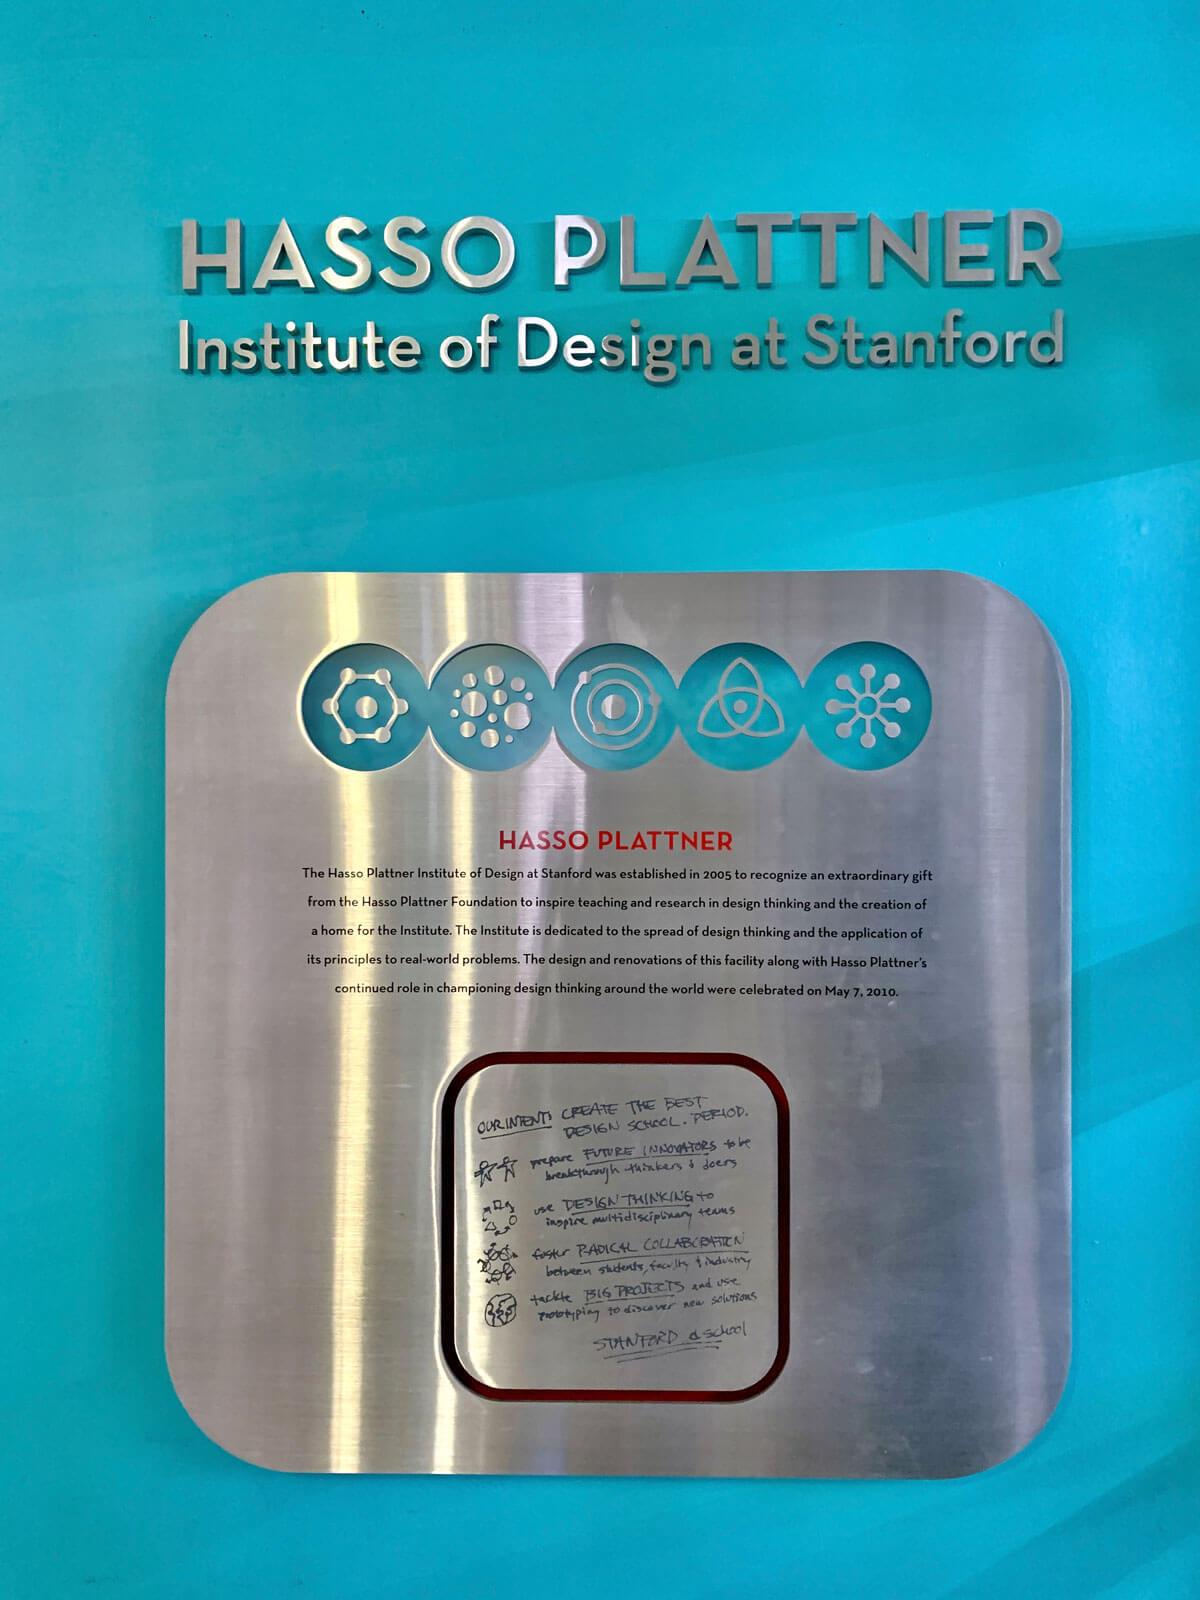 Hasso Plattner Institut Design Stanford